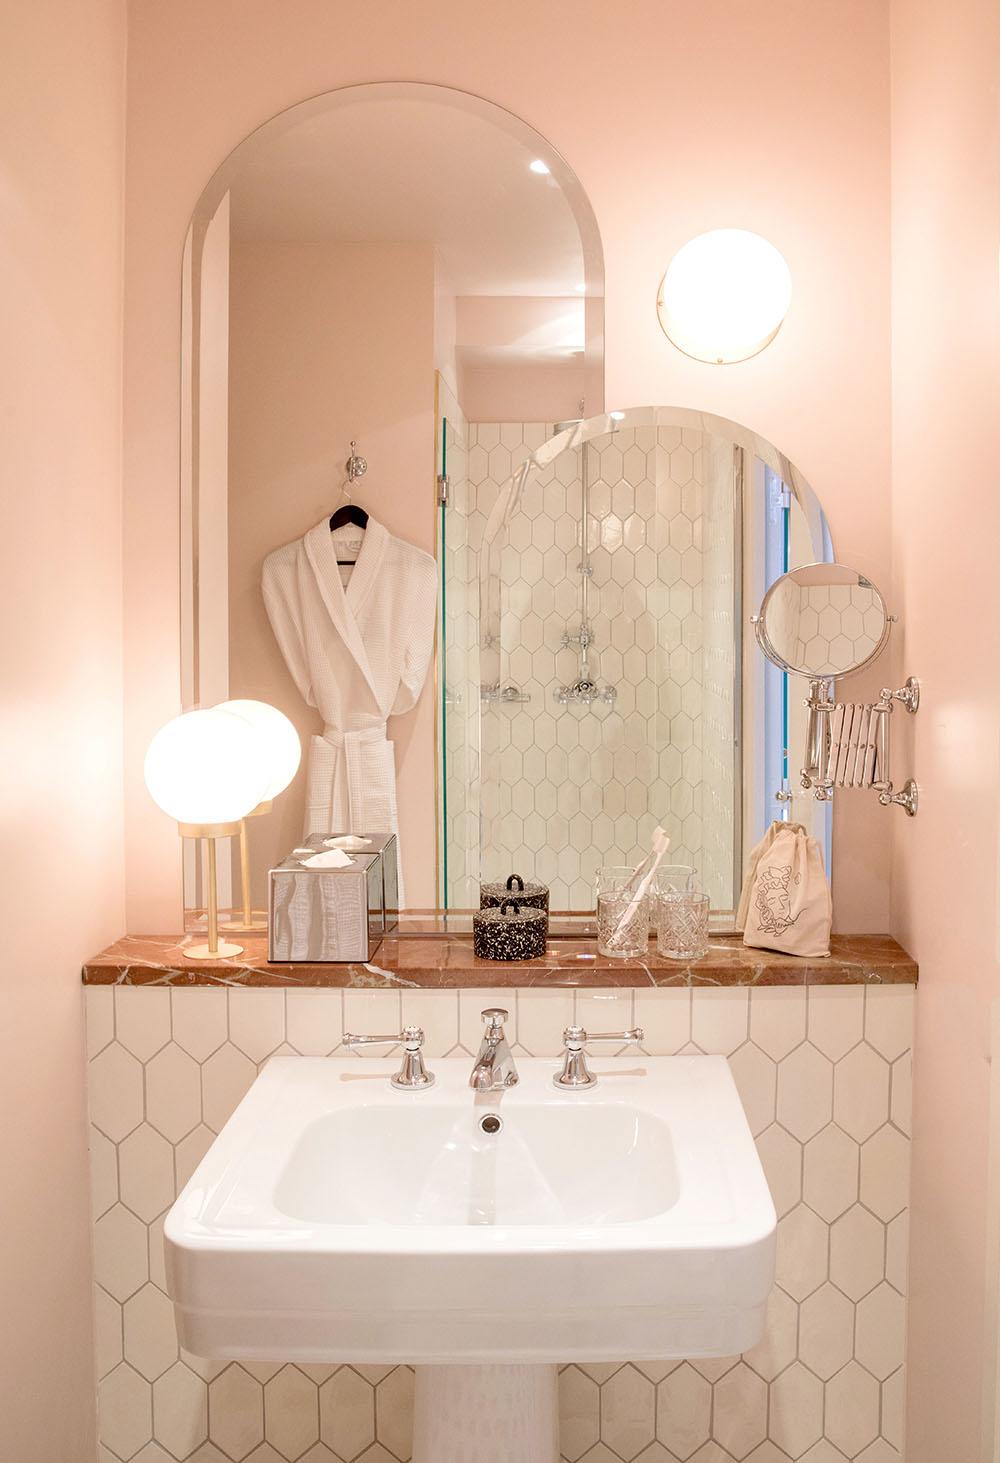 HOTEL_WEEKEND_PARIS_GRANDS_BOULEVARDS_HOTEL3.jpg